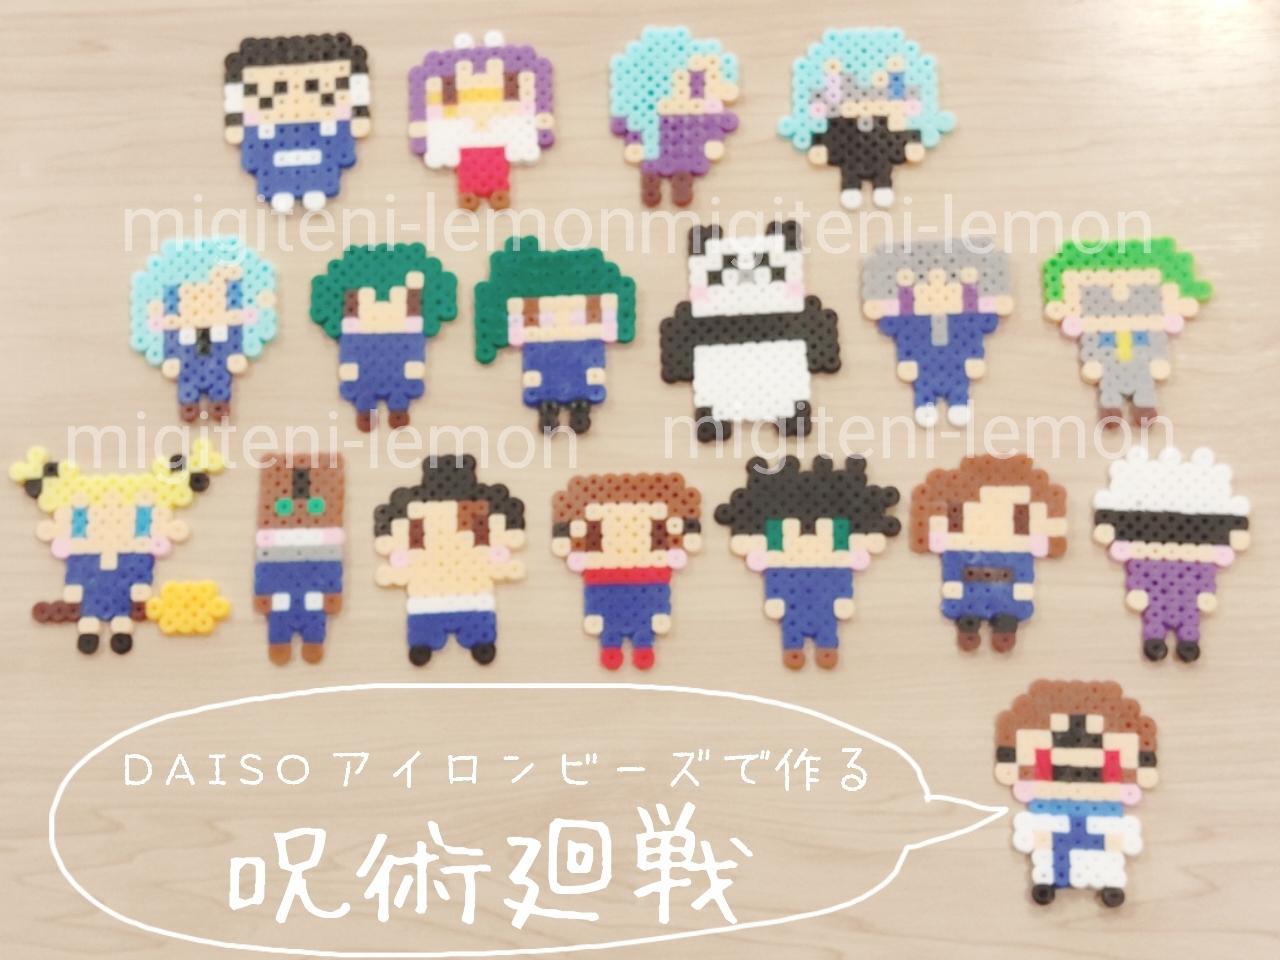 jujutsukaisen-daiso-ironbeads-mahito